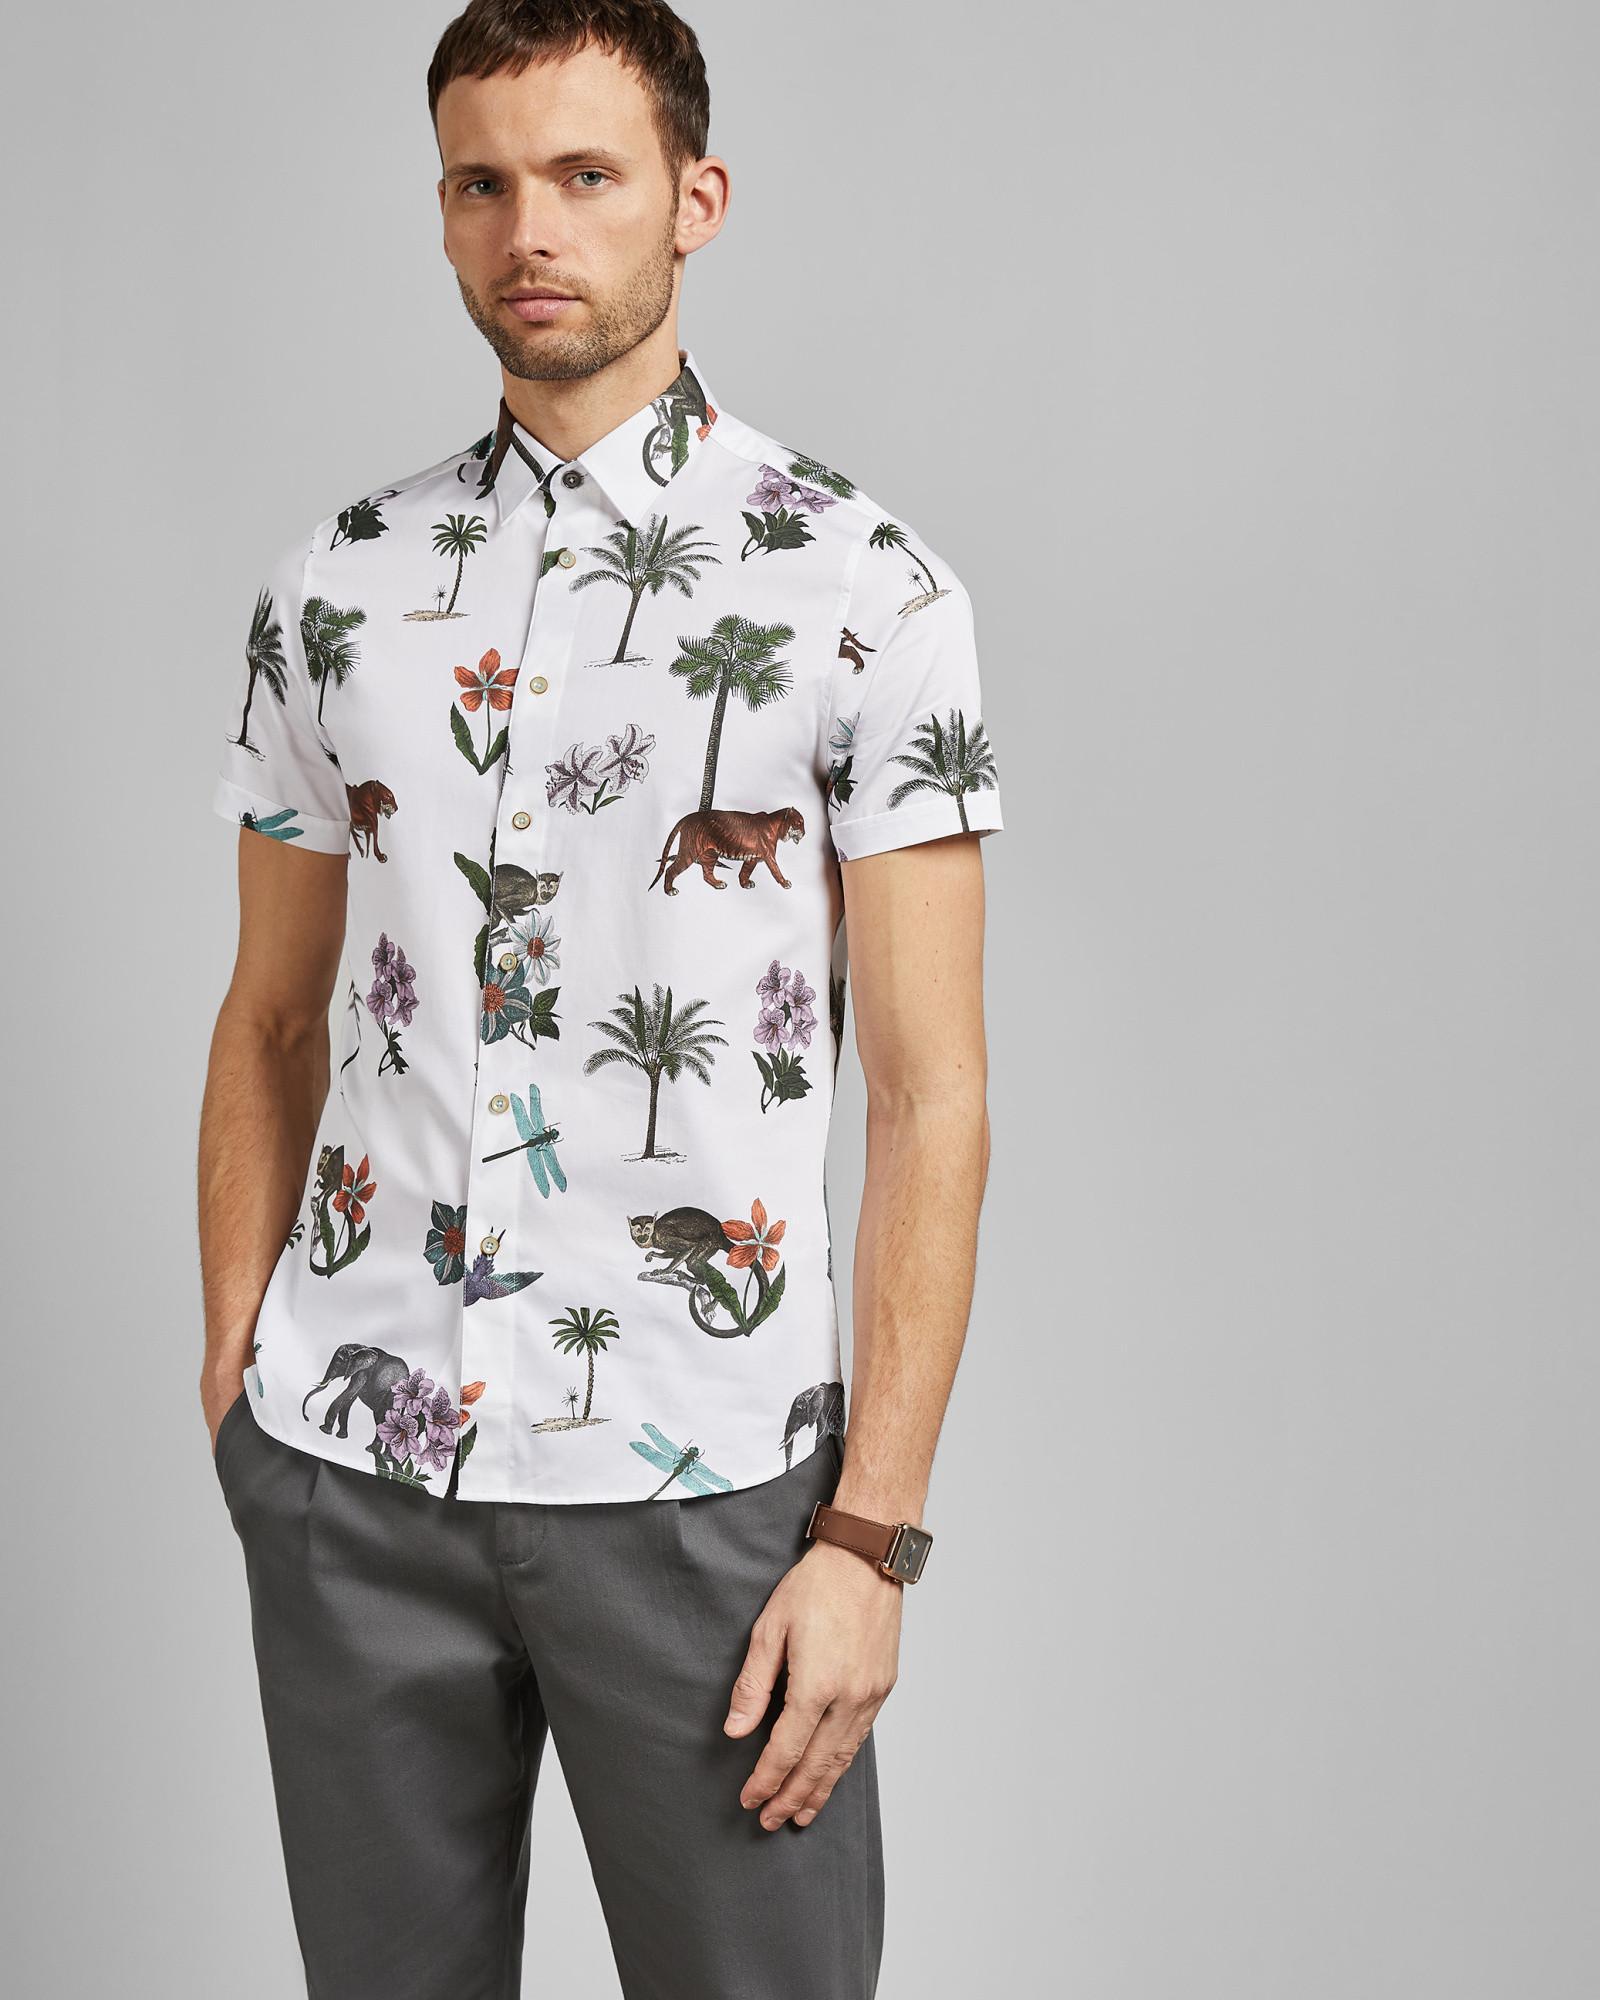 2e9e9c98bc26 Ted Baker Short Sleeved Jungle Print Cotton Shirt in White for Men - Lyst